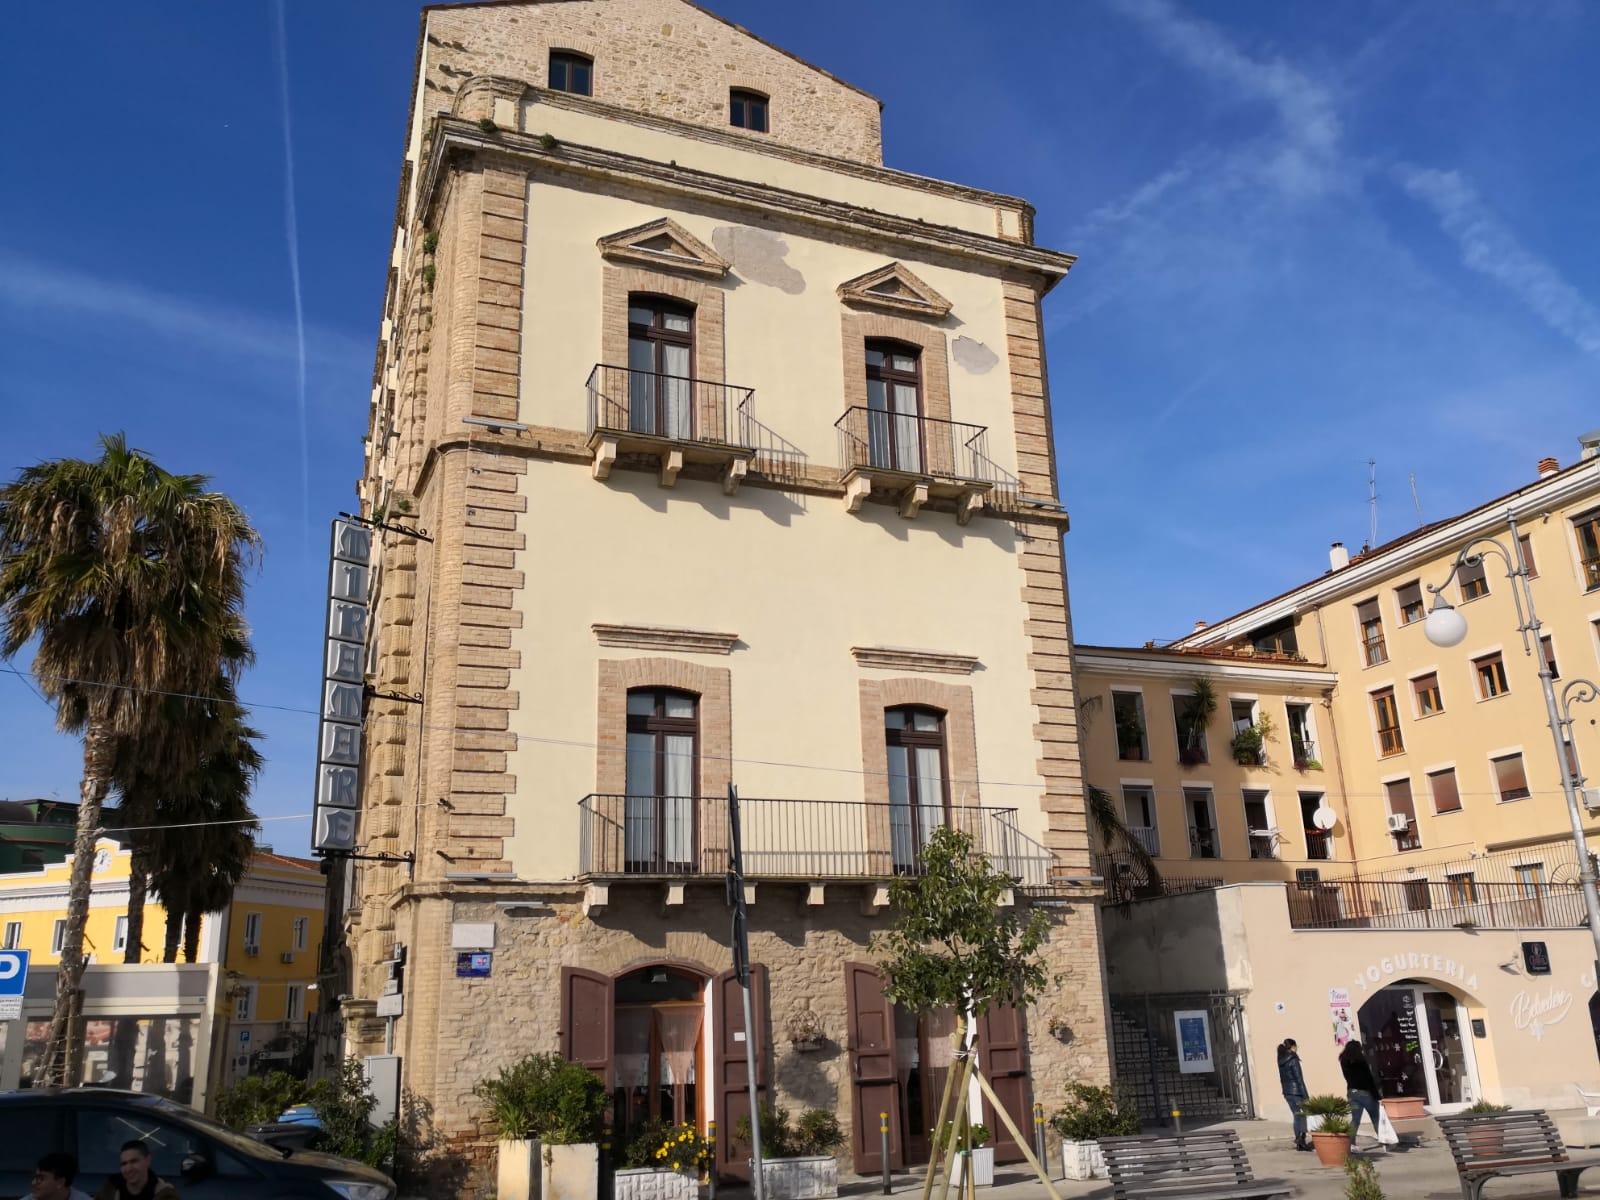 nel sito dell'antica porta del Carbonaro sorge oggi Palazzo Farnese